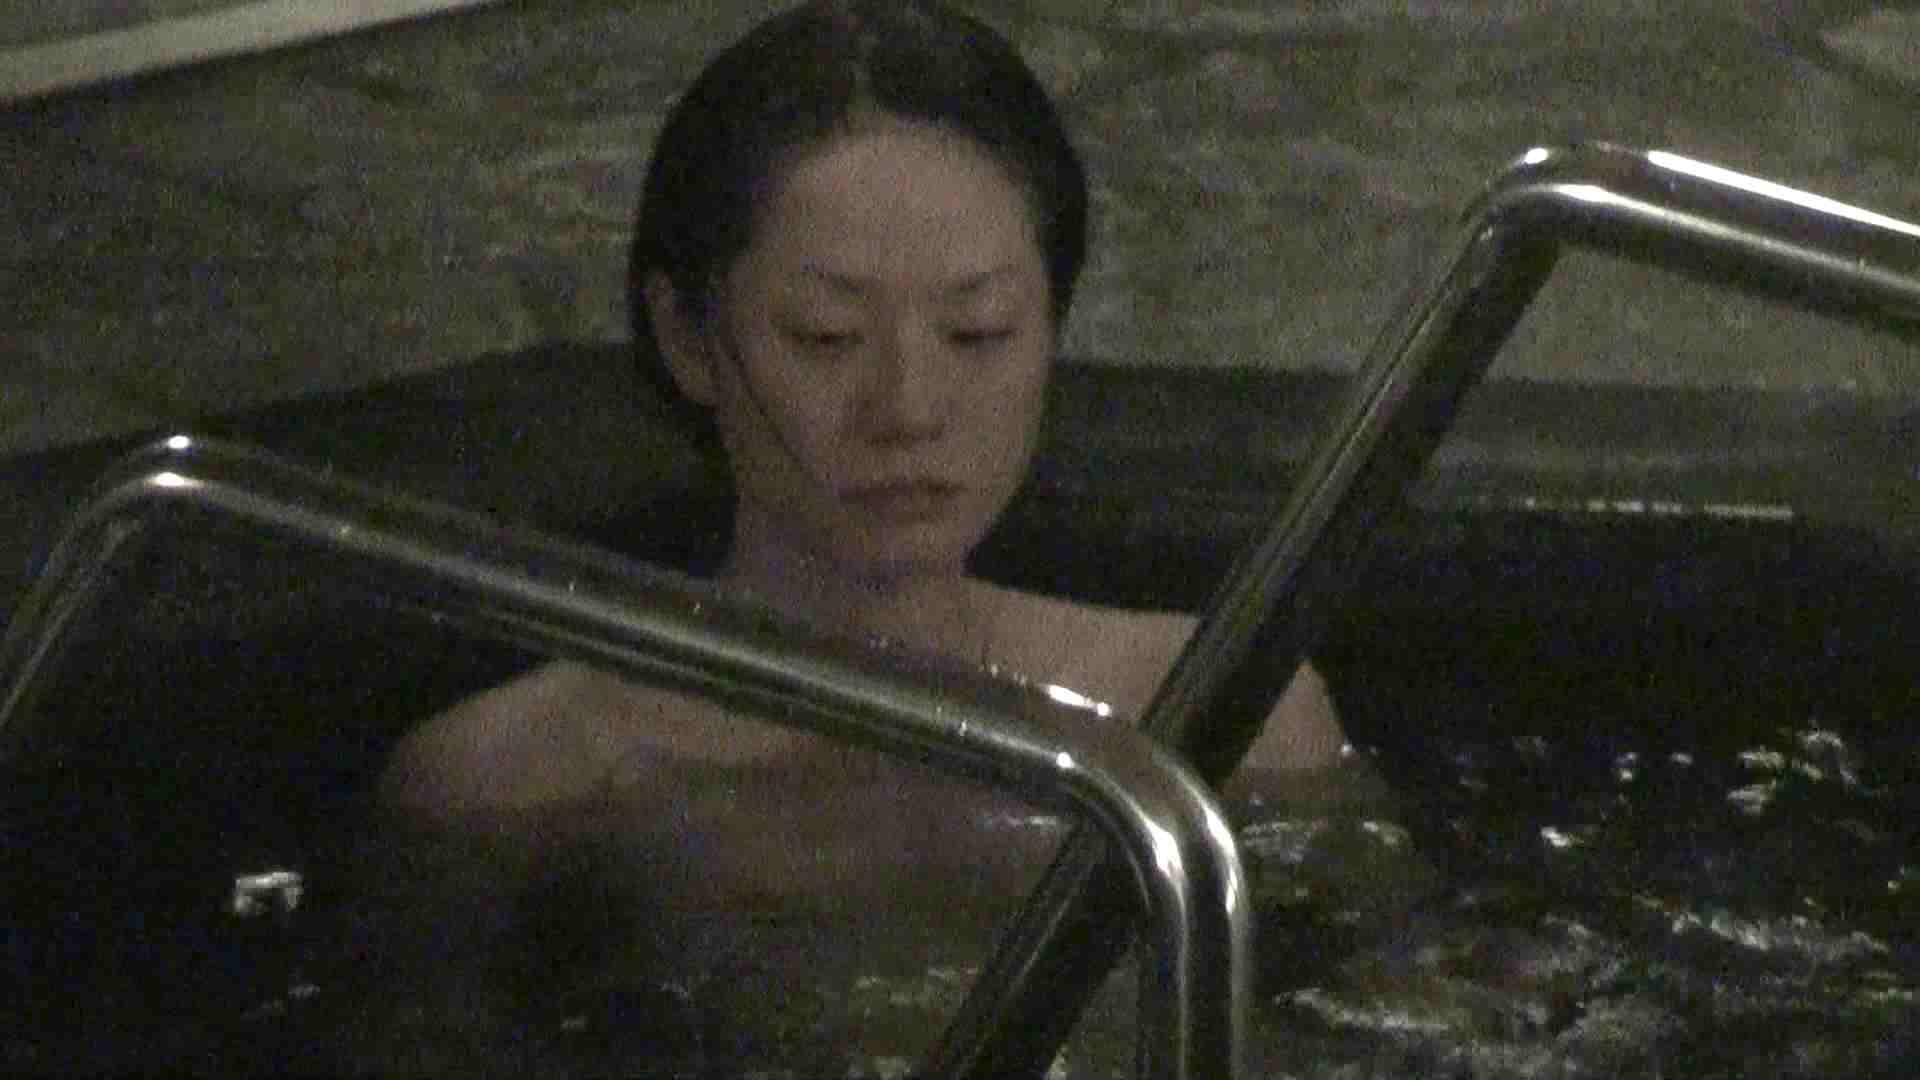 Aquaな露天風呂Vol.318 露天  48画像 45